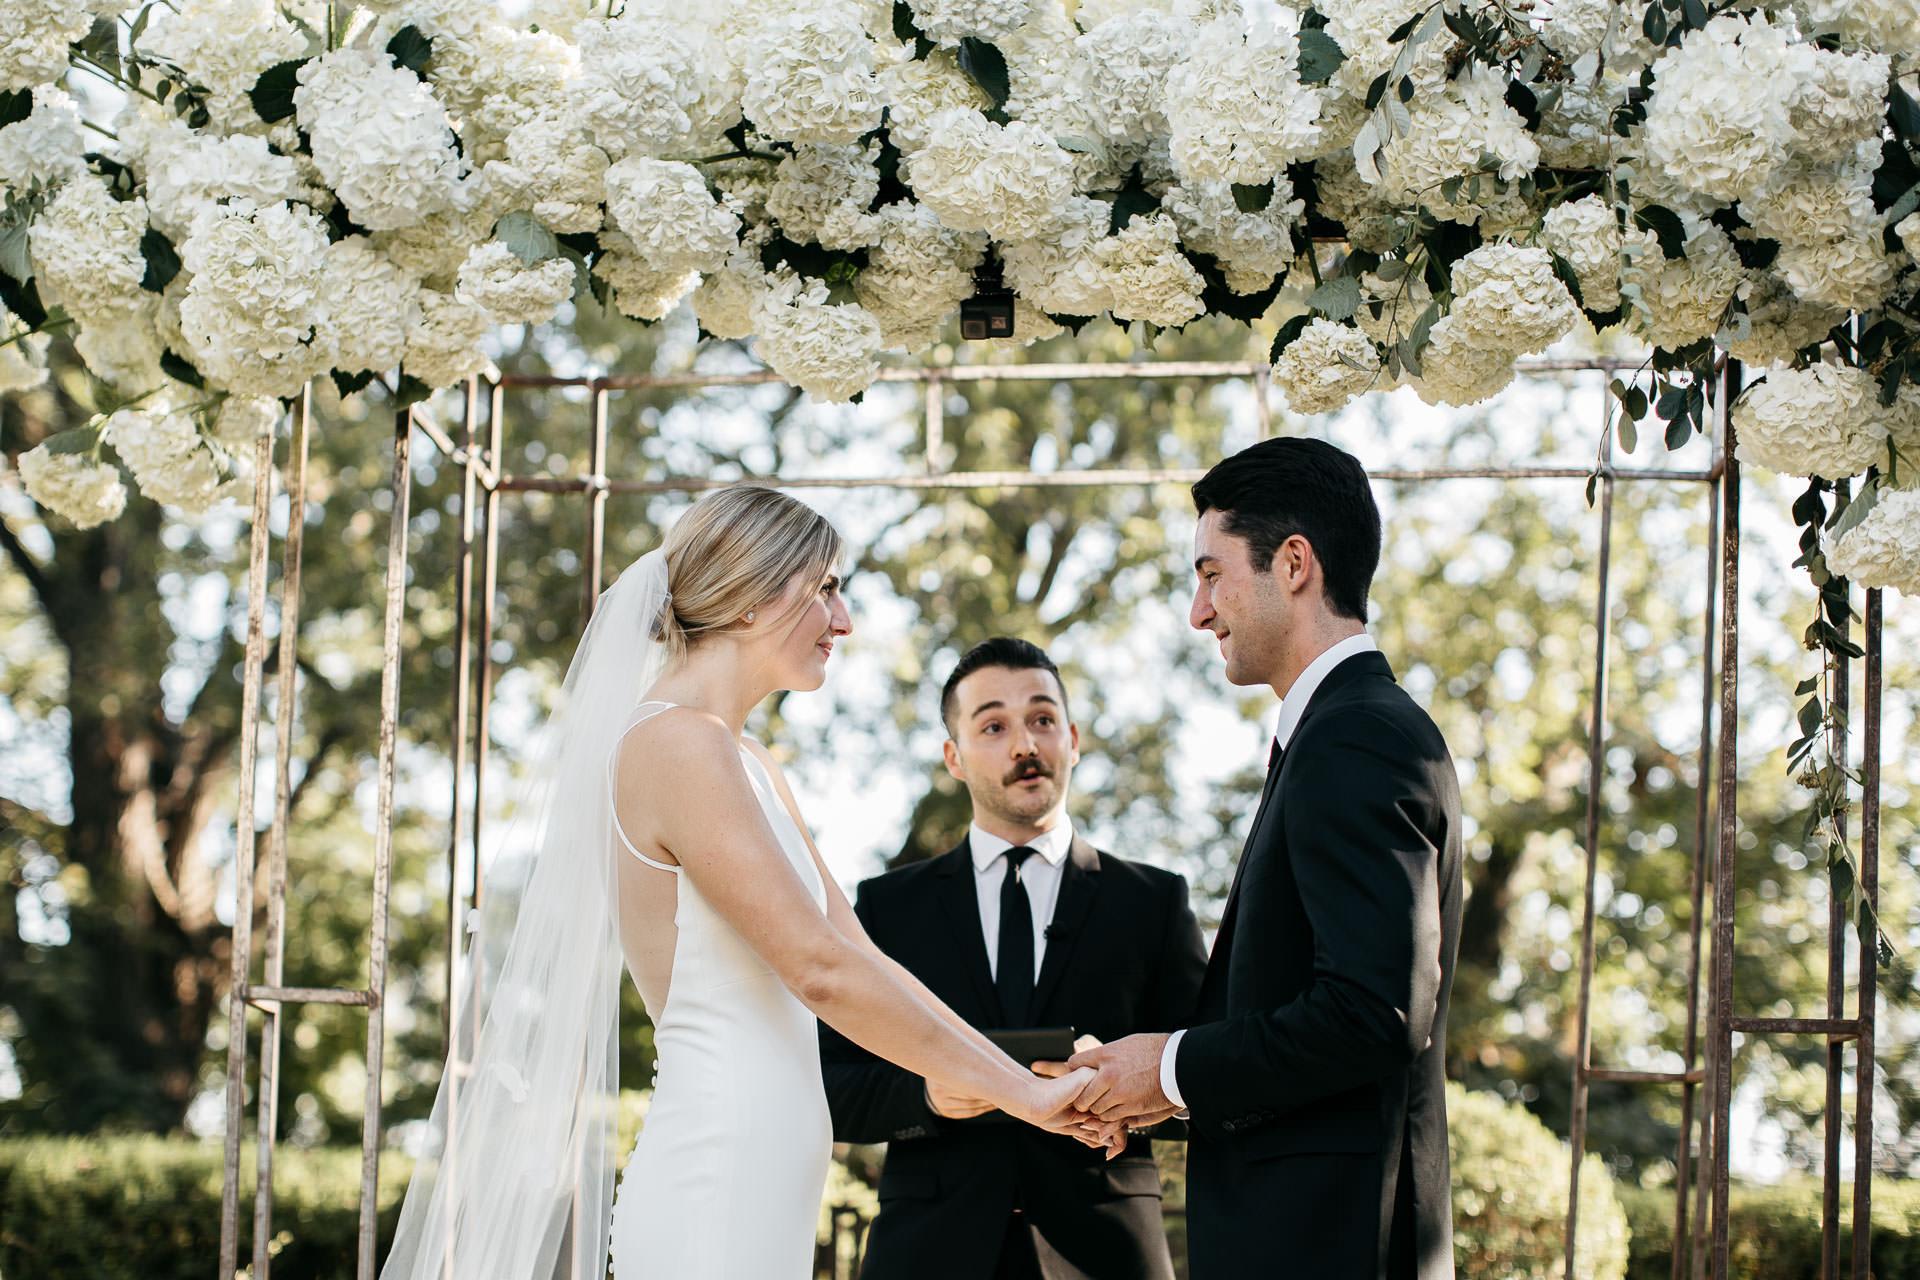 lauren_graham_wedding_california_park_winters_jeanlaurentgaudy_048